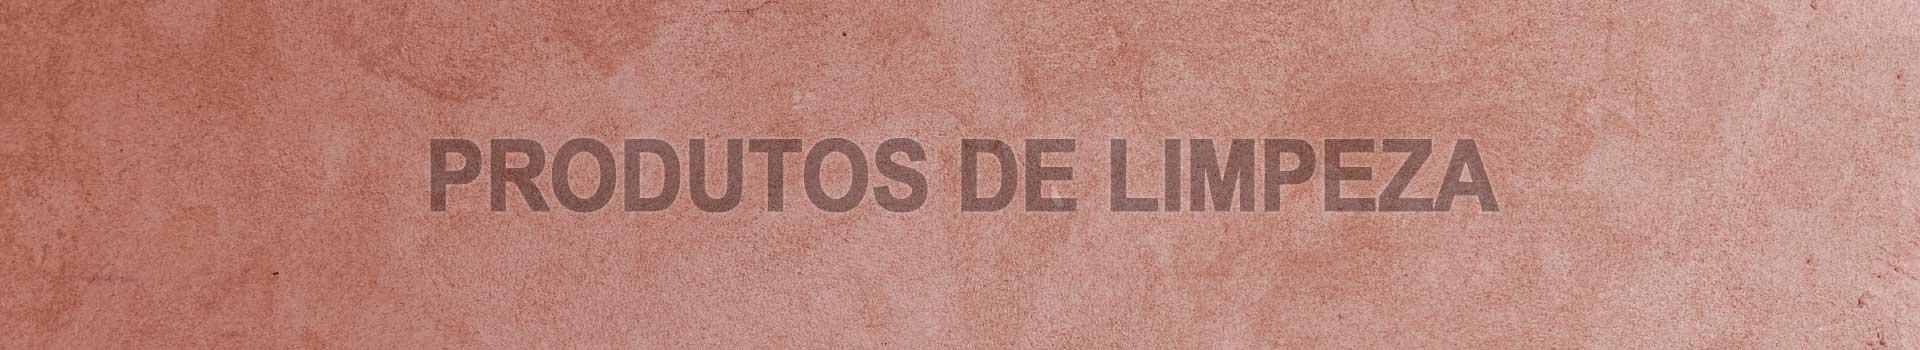 1920x350_Limpeza